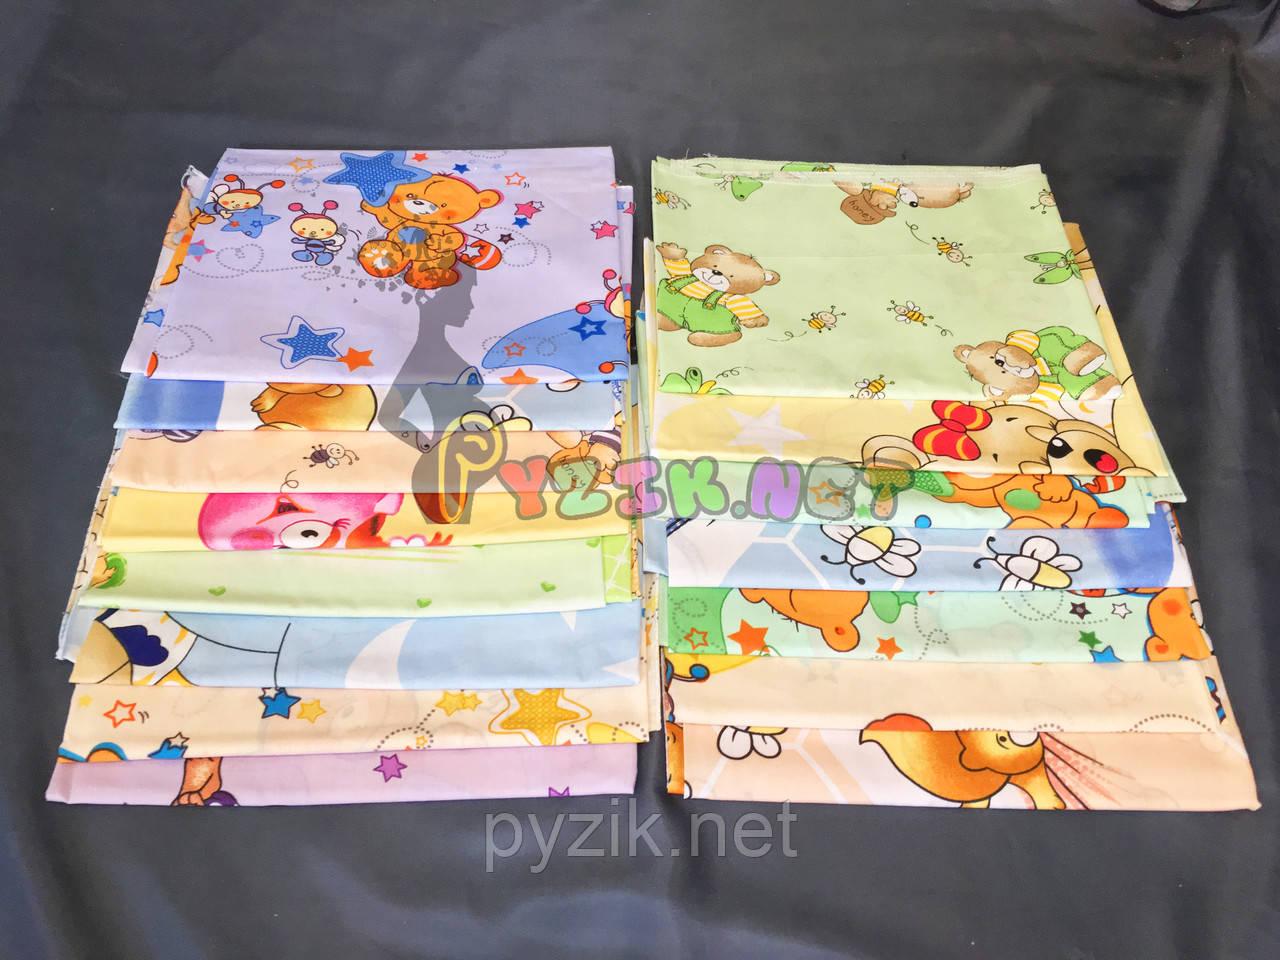 Комплект нежные ситцевые пеленки для мальчика (5 шт)